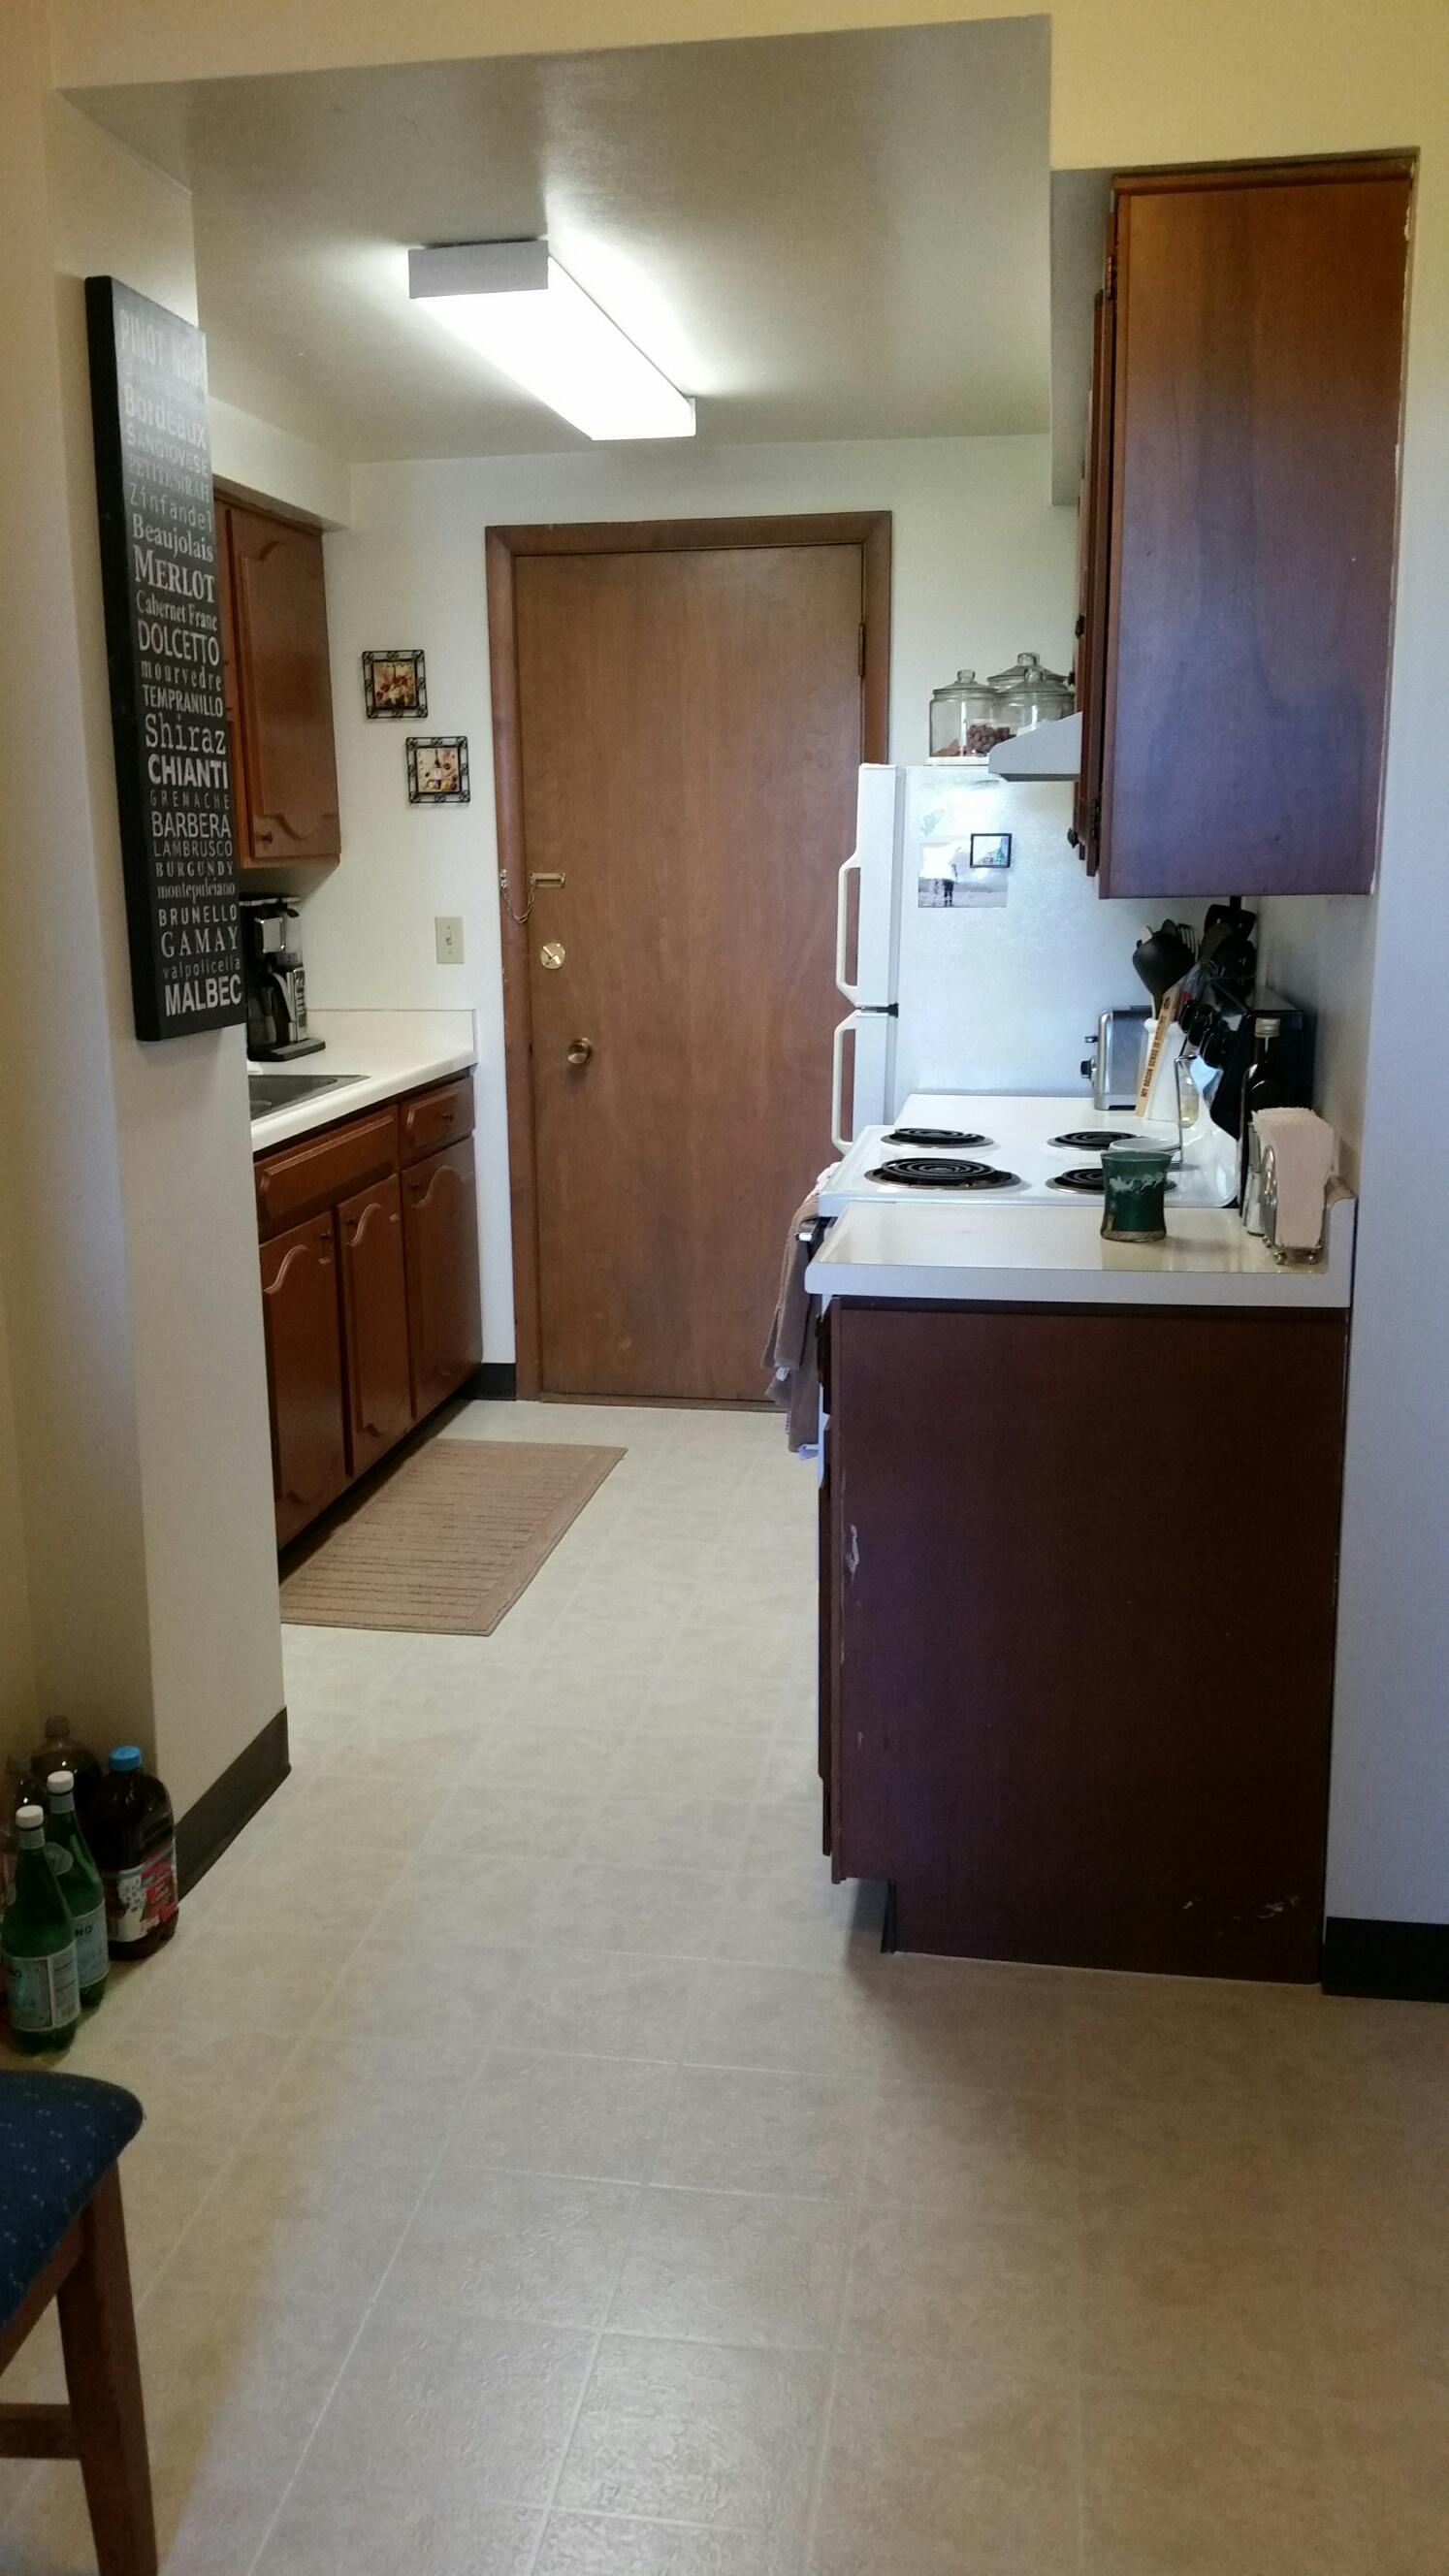 3939 402 kitchen.jpg